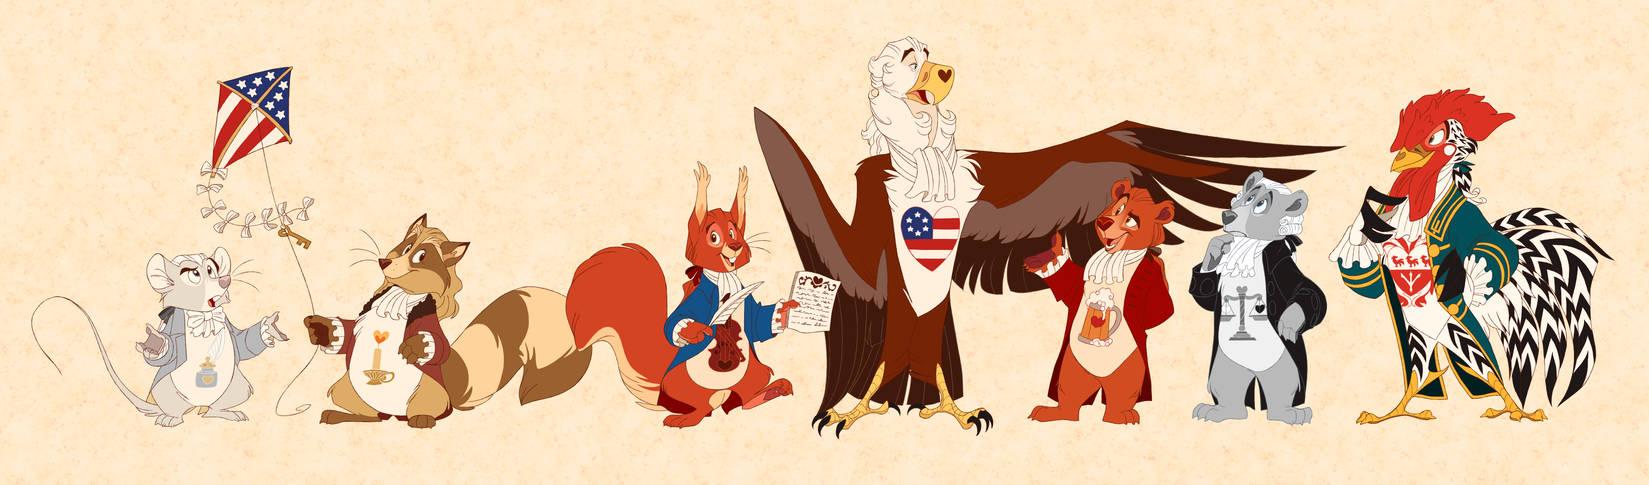 America's Founding Fuzzy Wuzzies